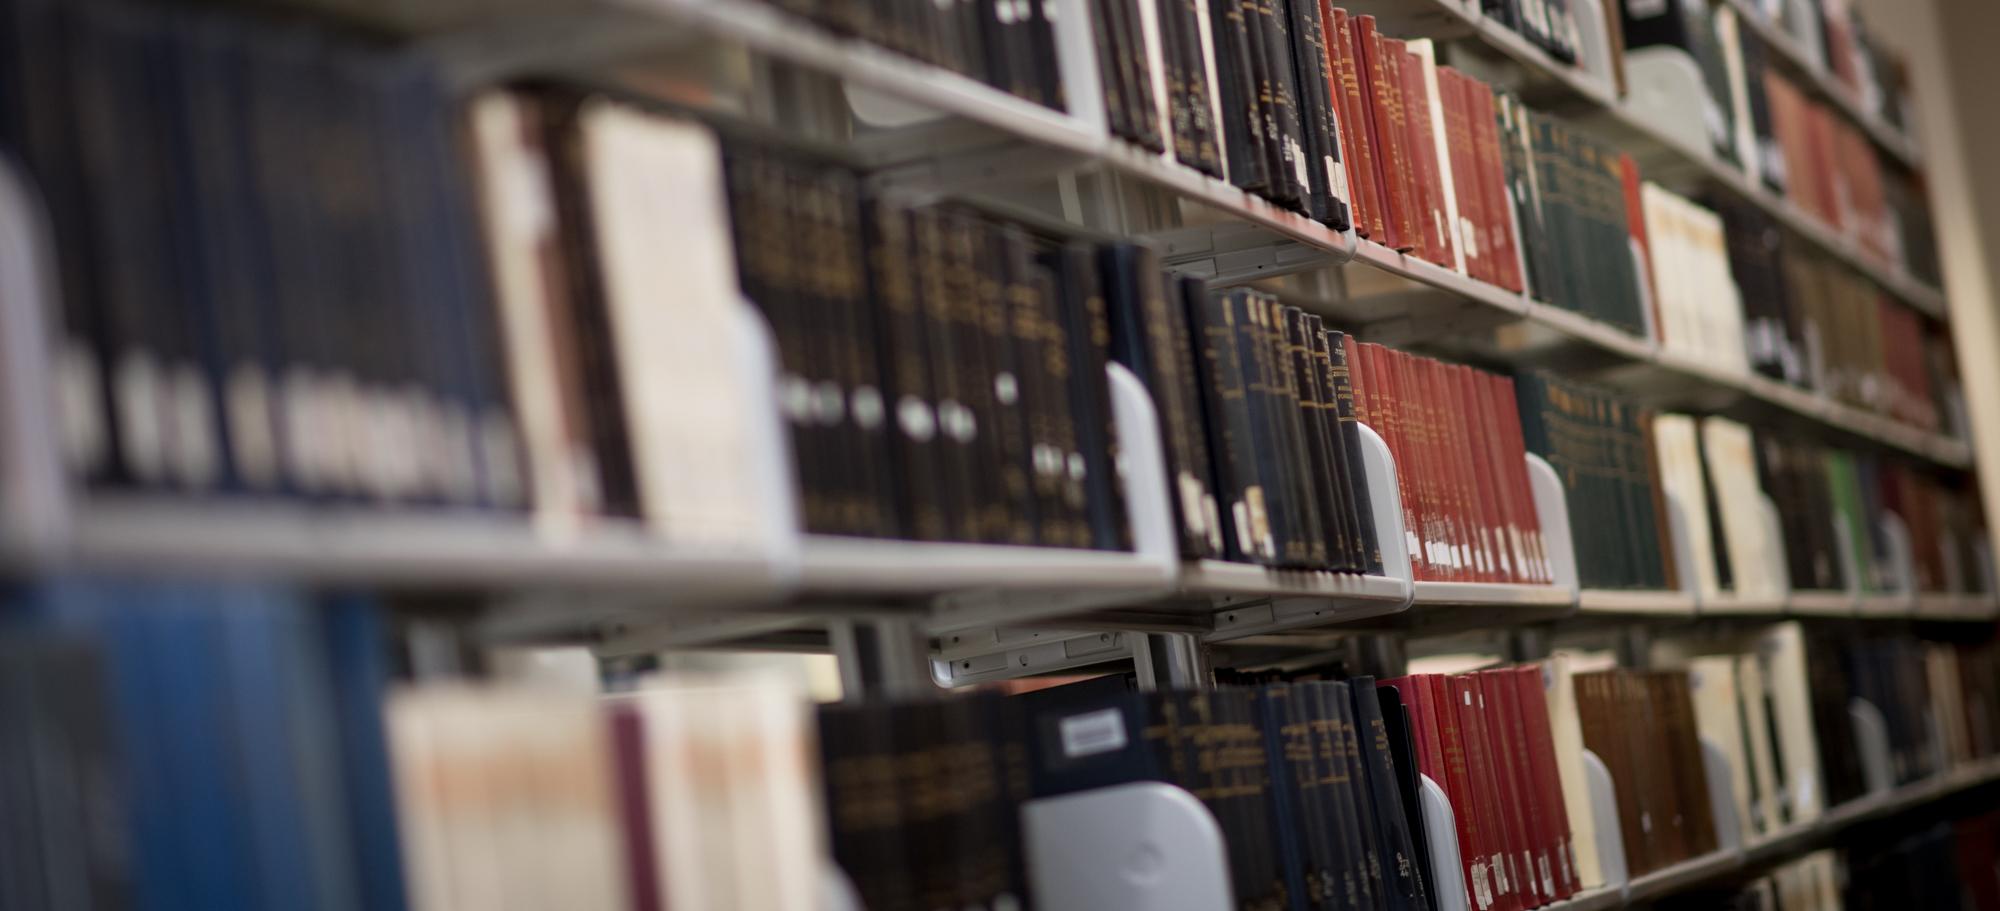 Чтение медицинской литературы